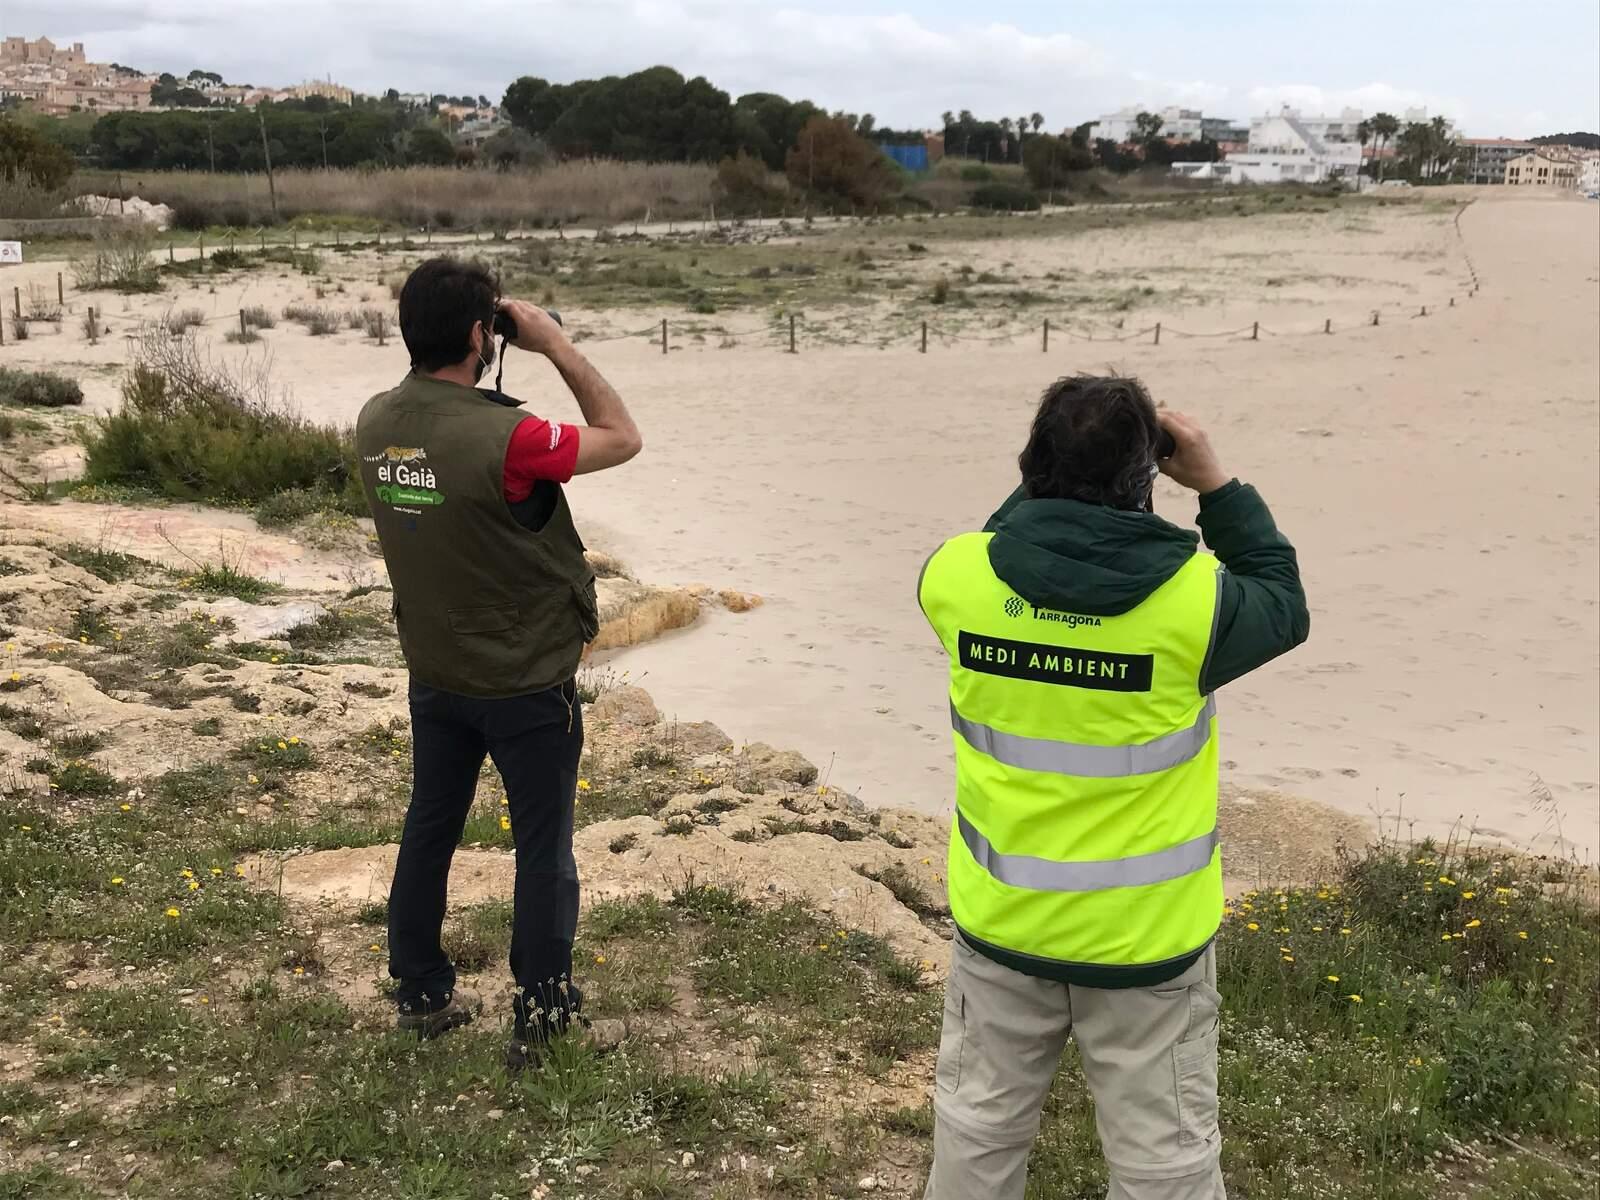 Un tècnic de la regidoria de Medi Ambient de Tarragona i un voluntari de la Sínia inspeccionant la platja de Tamarit